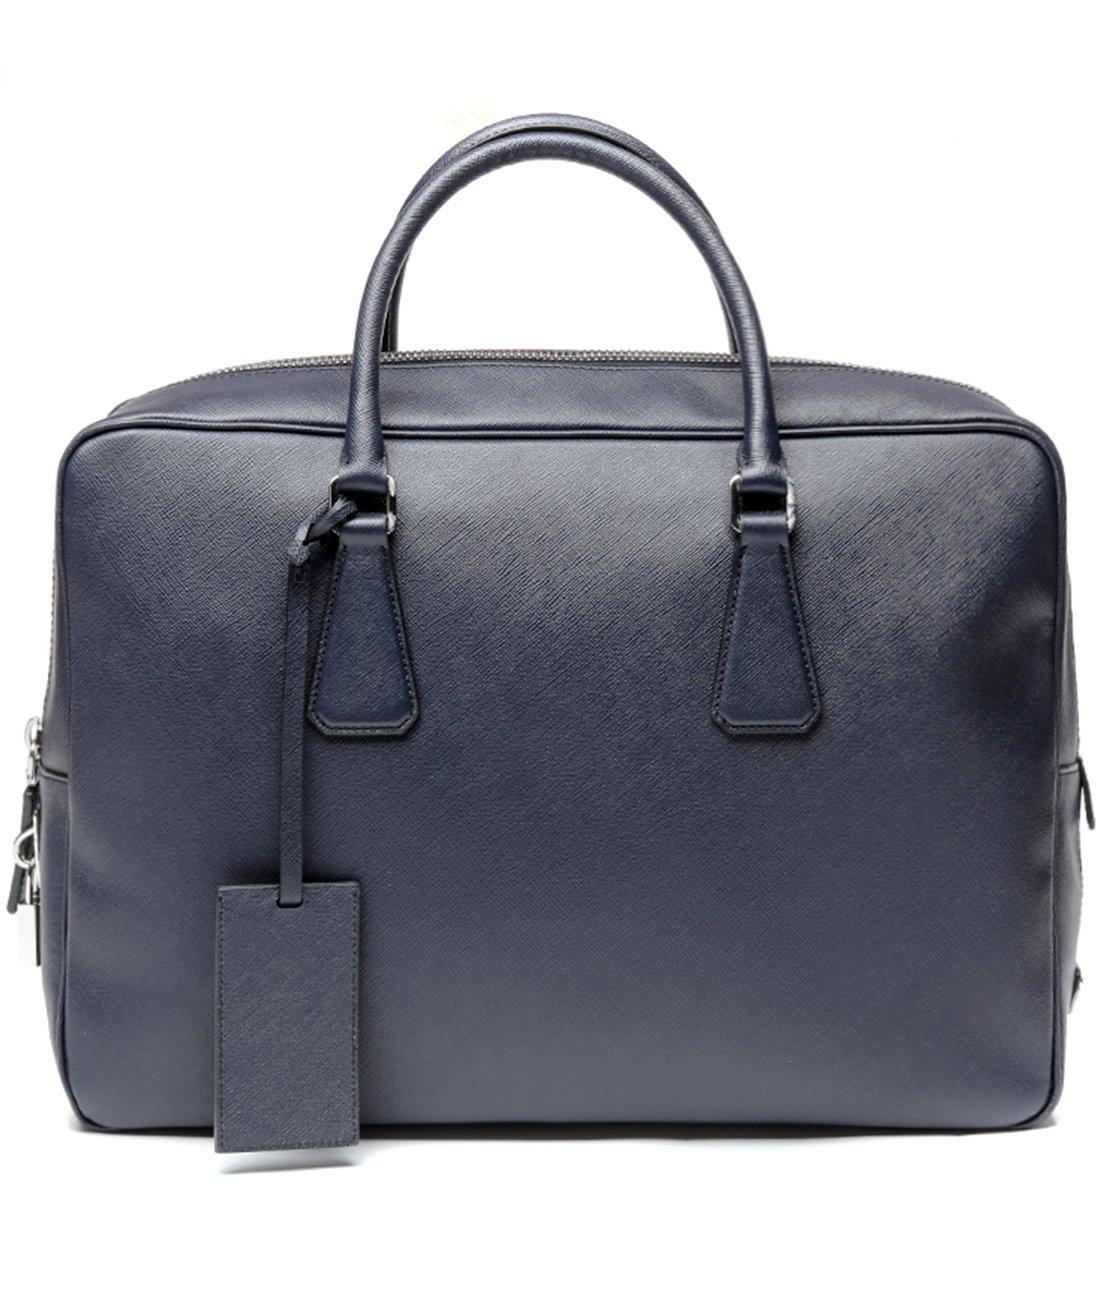 Prada Women's Top Zip Real Leather Handbag One Size Navy